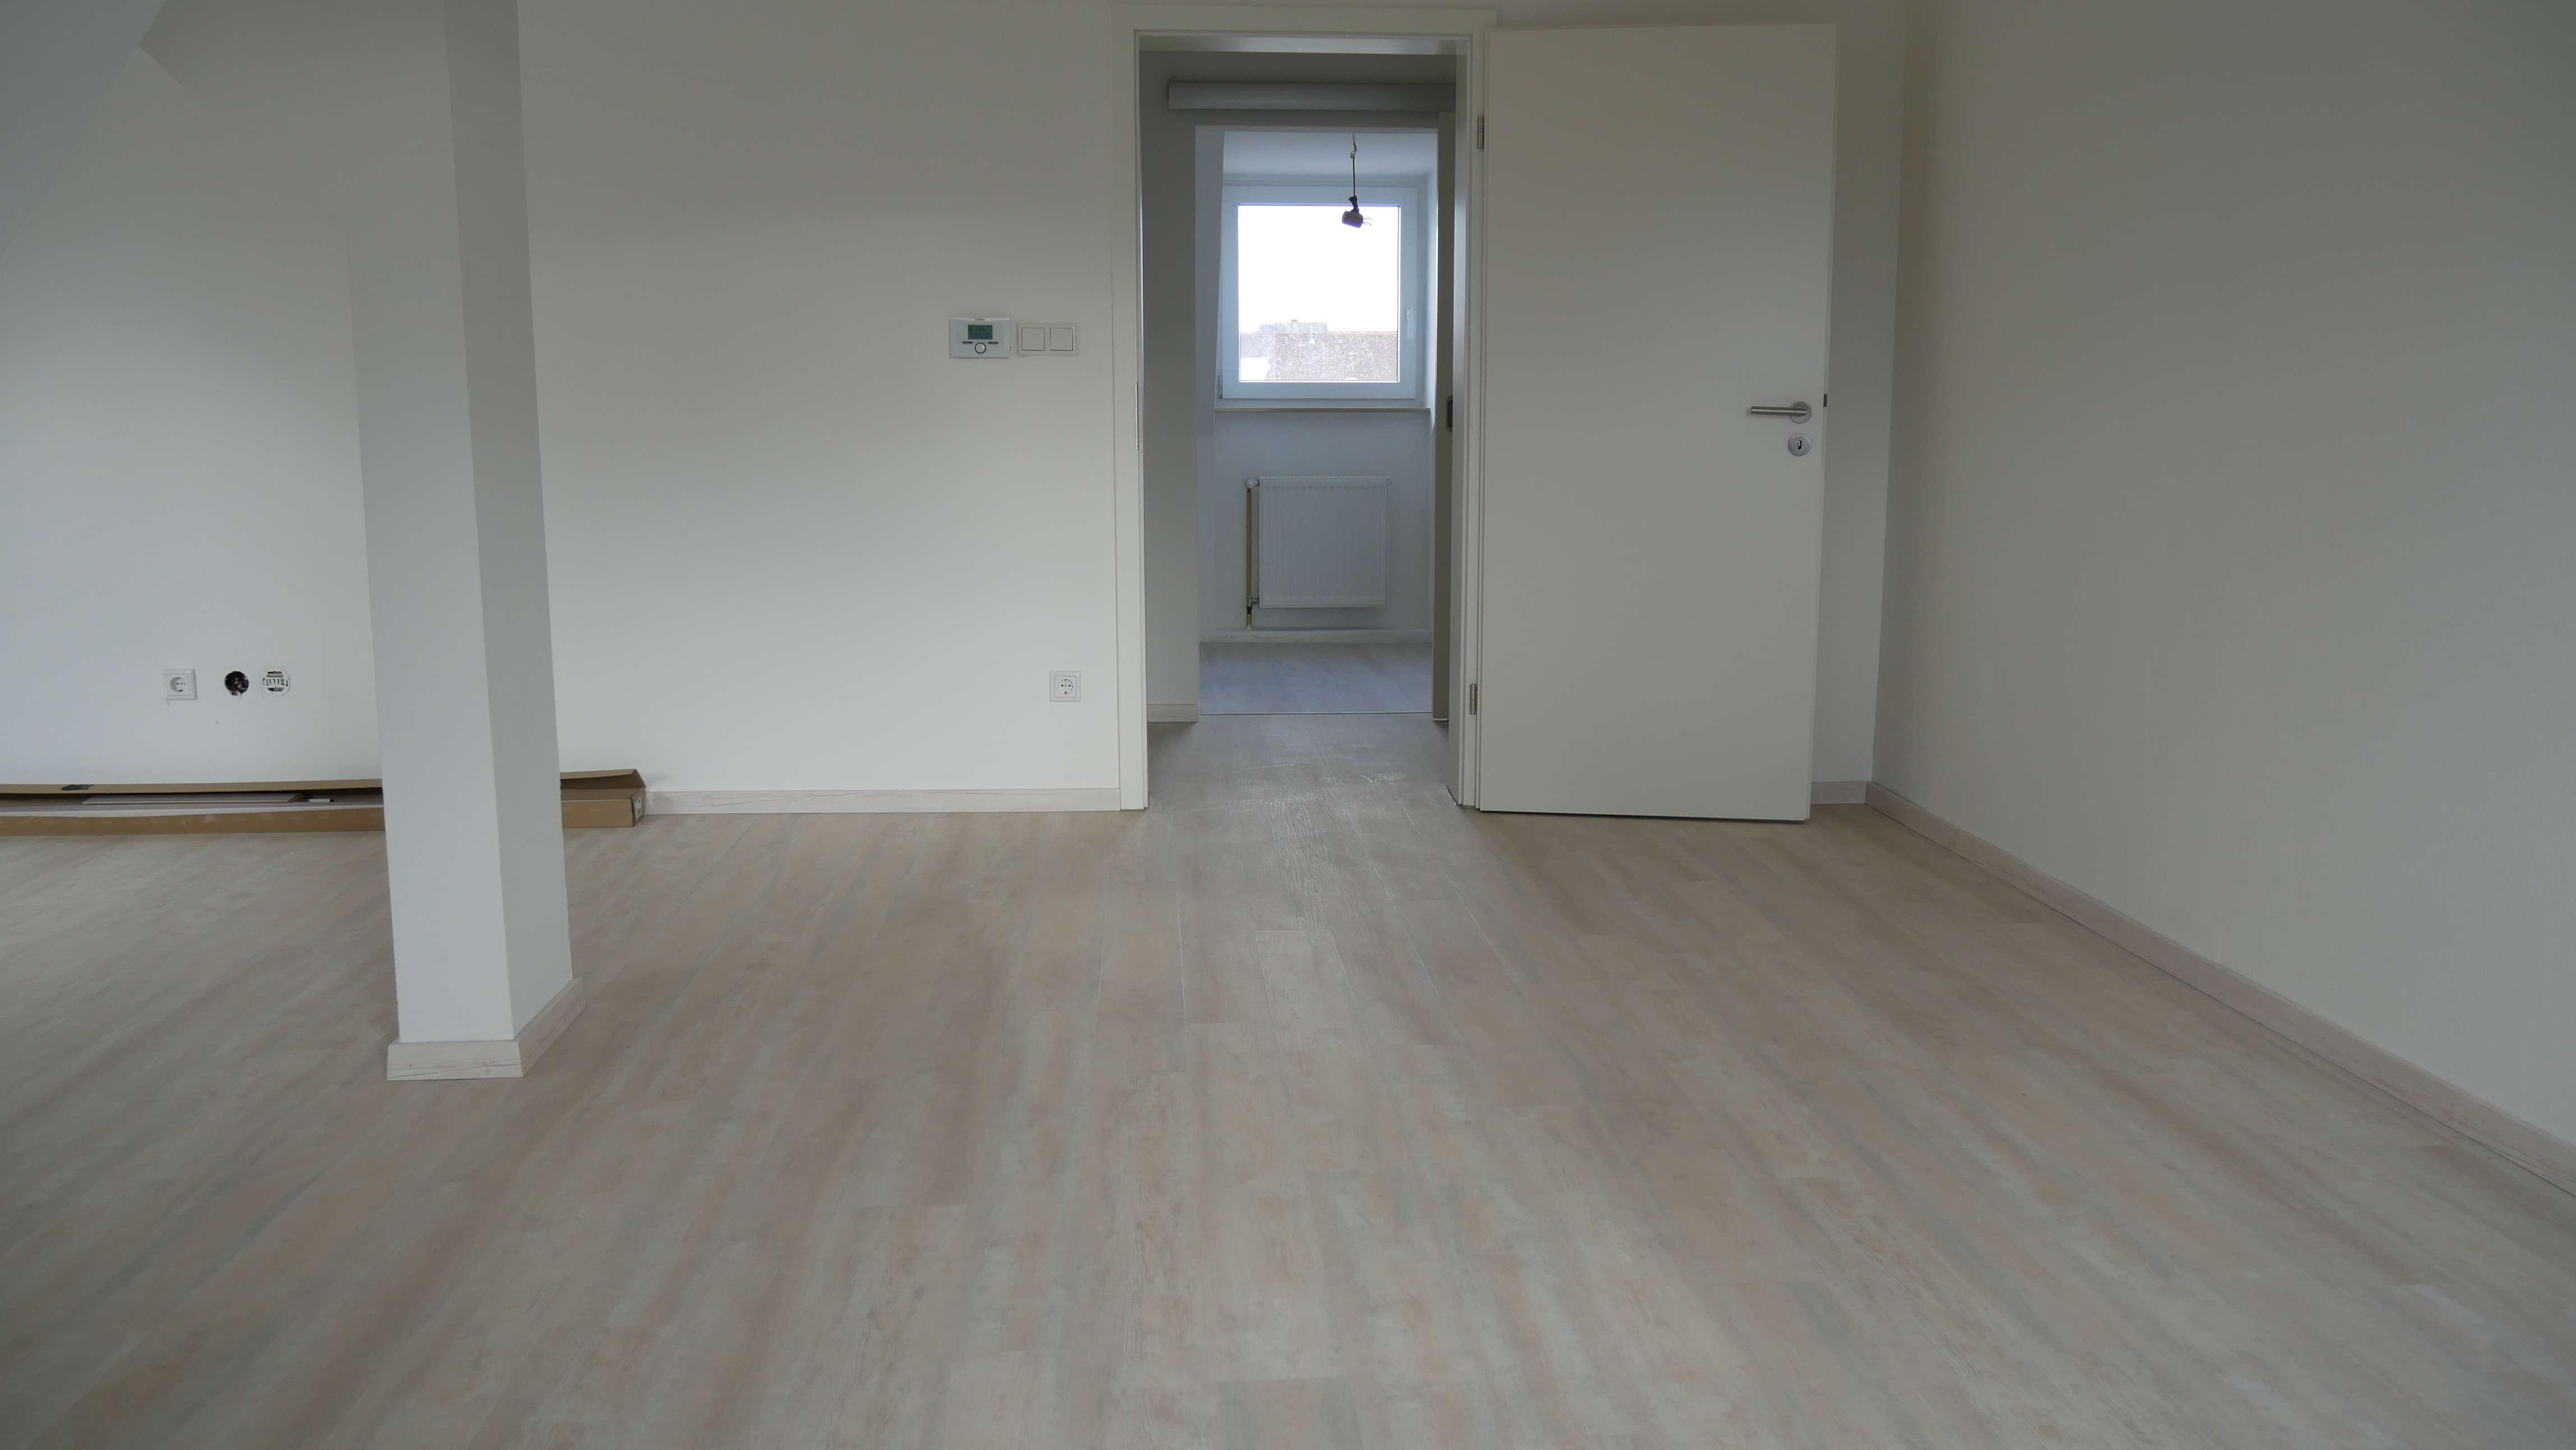 Top renovierte, helle 4-Zimmerwohnung, Nähe Fürther Stadtpark!!! 5.Stock ohne Aufzug!!! in Stadtpark / Stadtgrenze (Fürth)